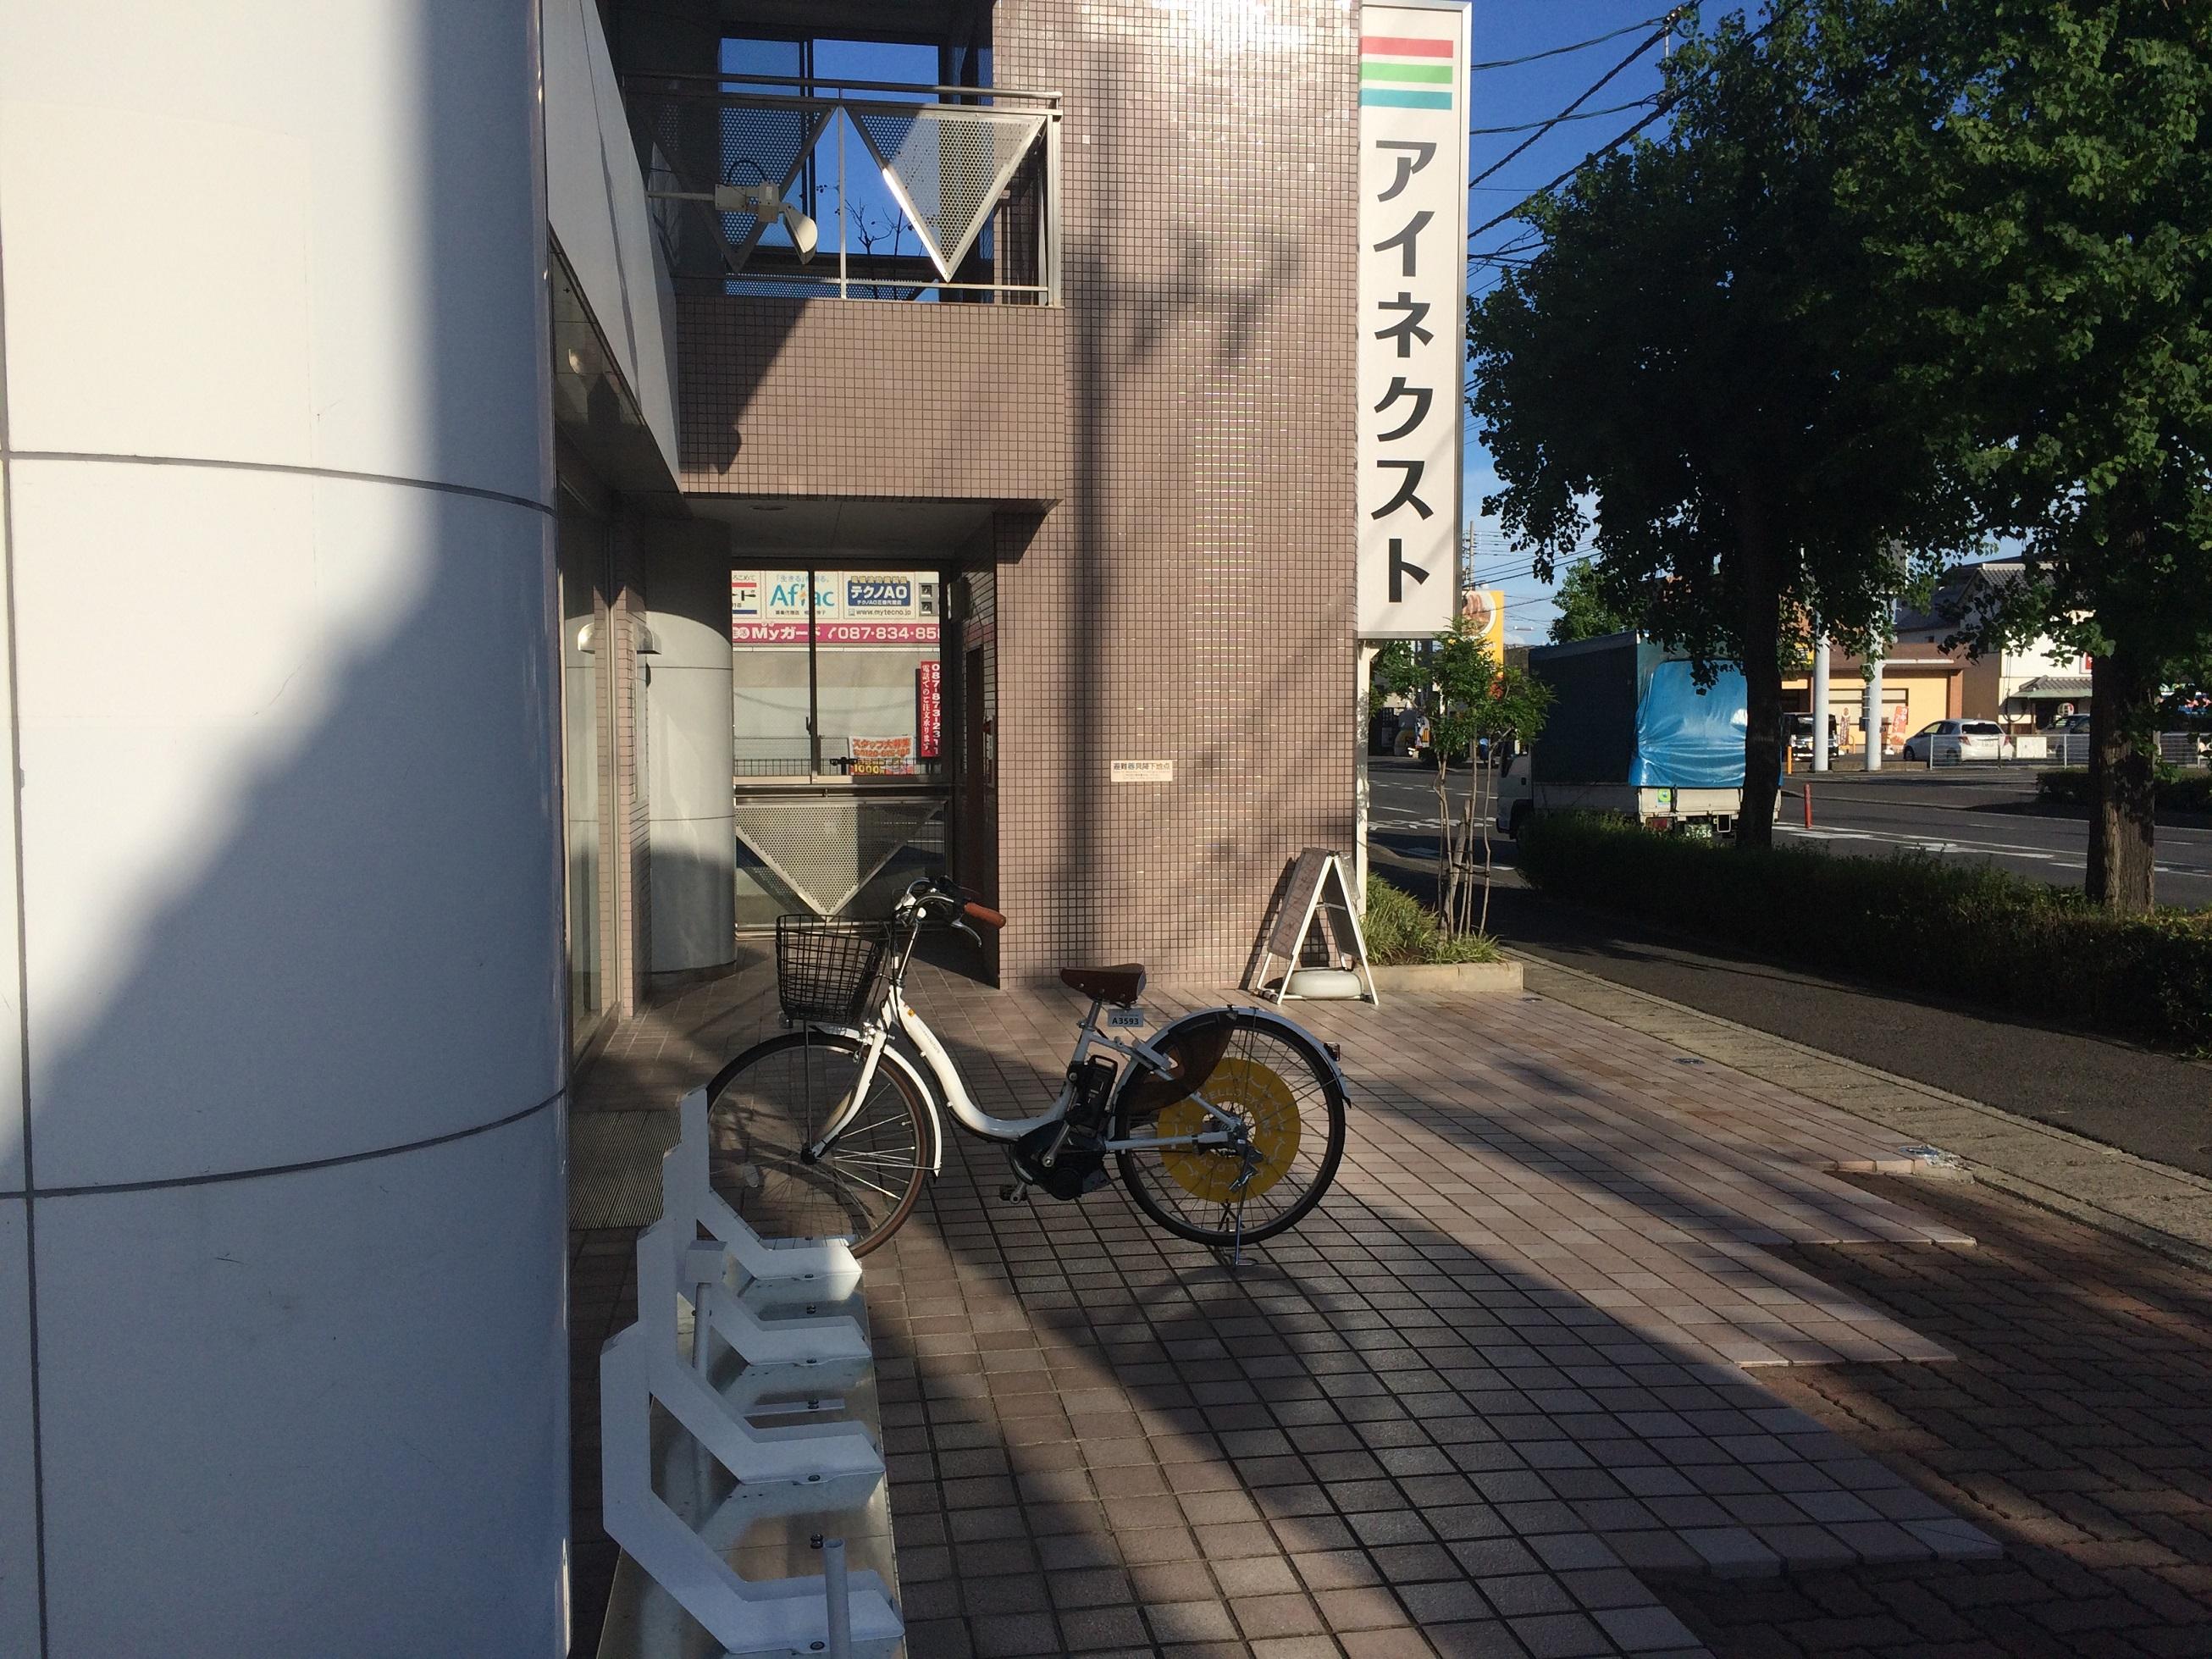 アイネクストビル (HELLO CYCLING ポート) image